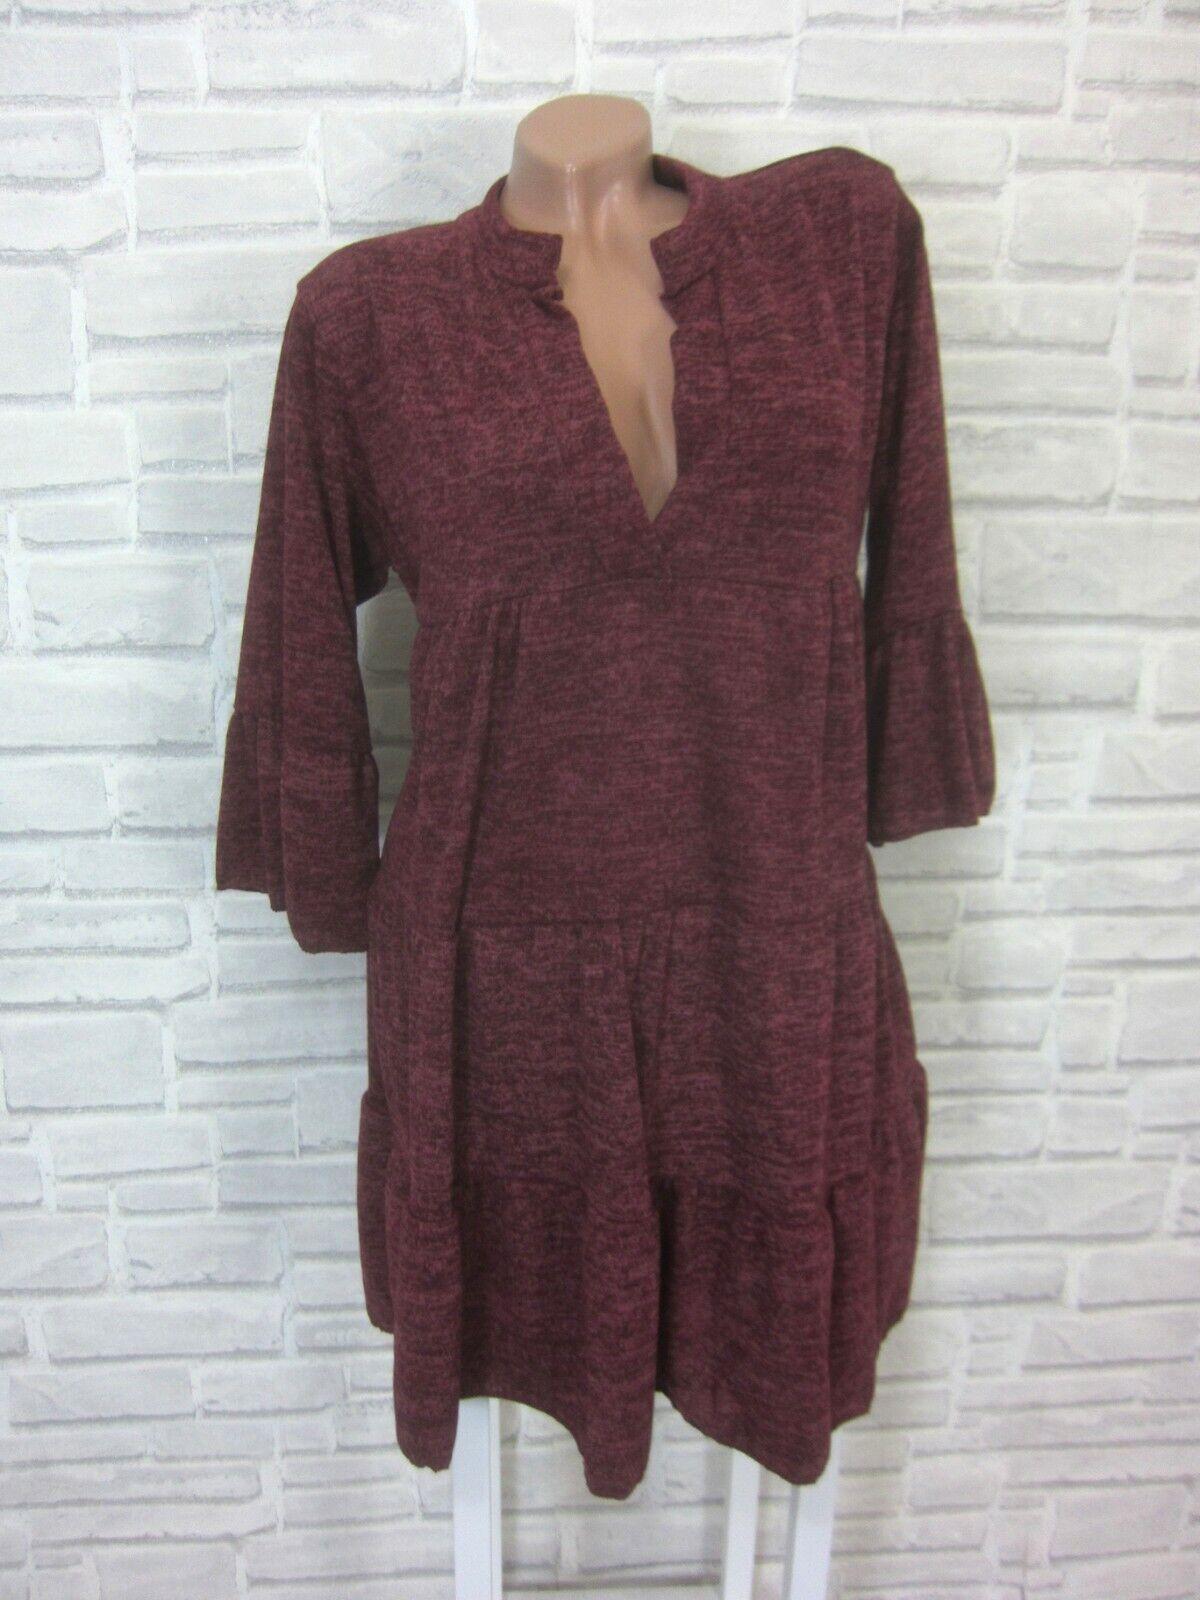 Italy Strickkleid Blogger Volant Feinstrick Kleid Tunika 38 40 42 Bordeaux E794